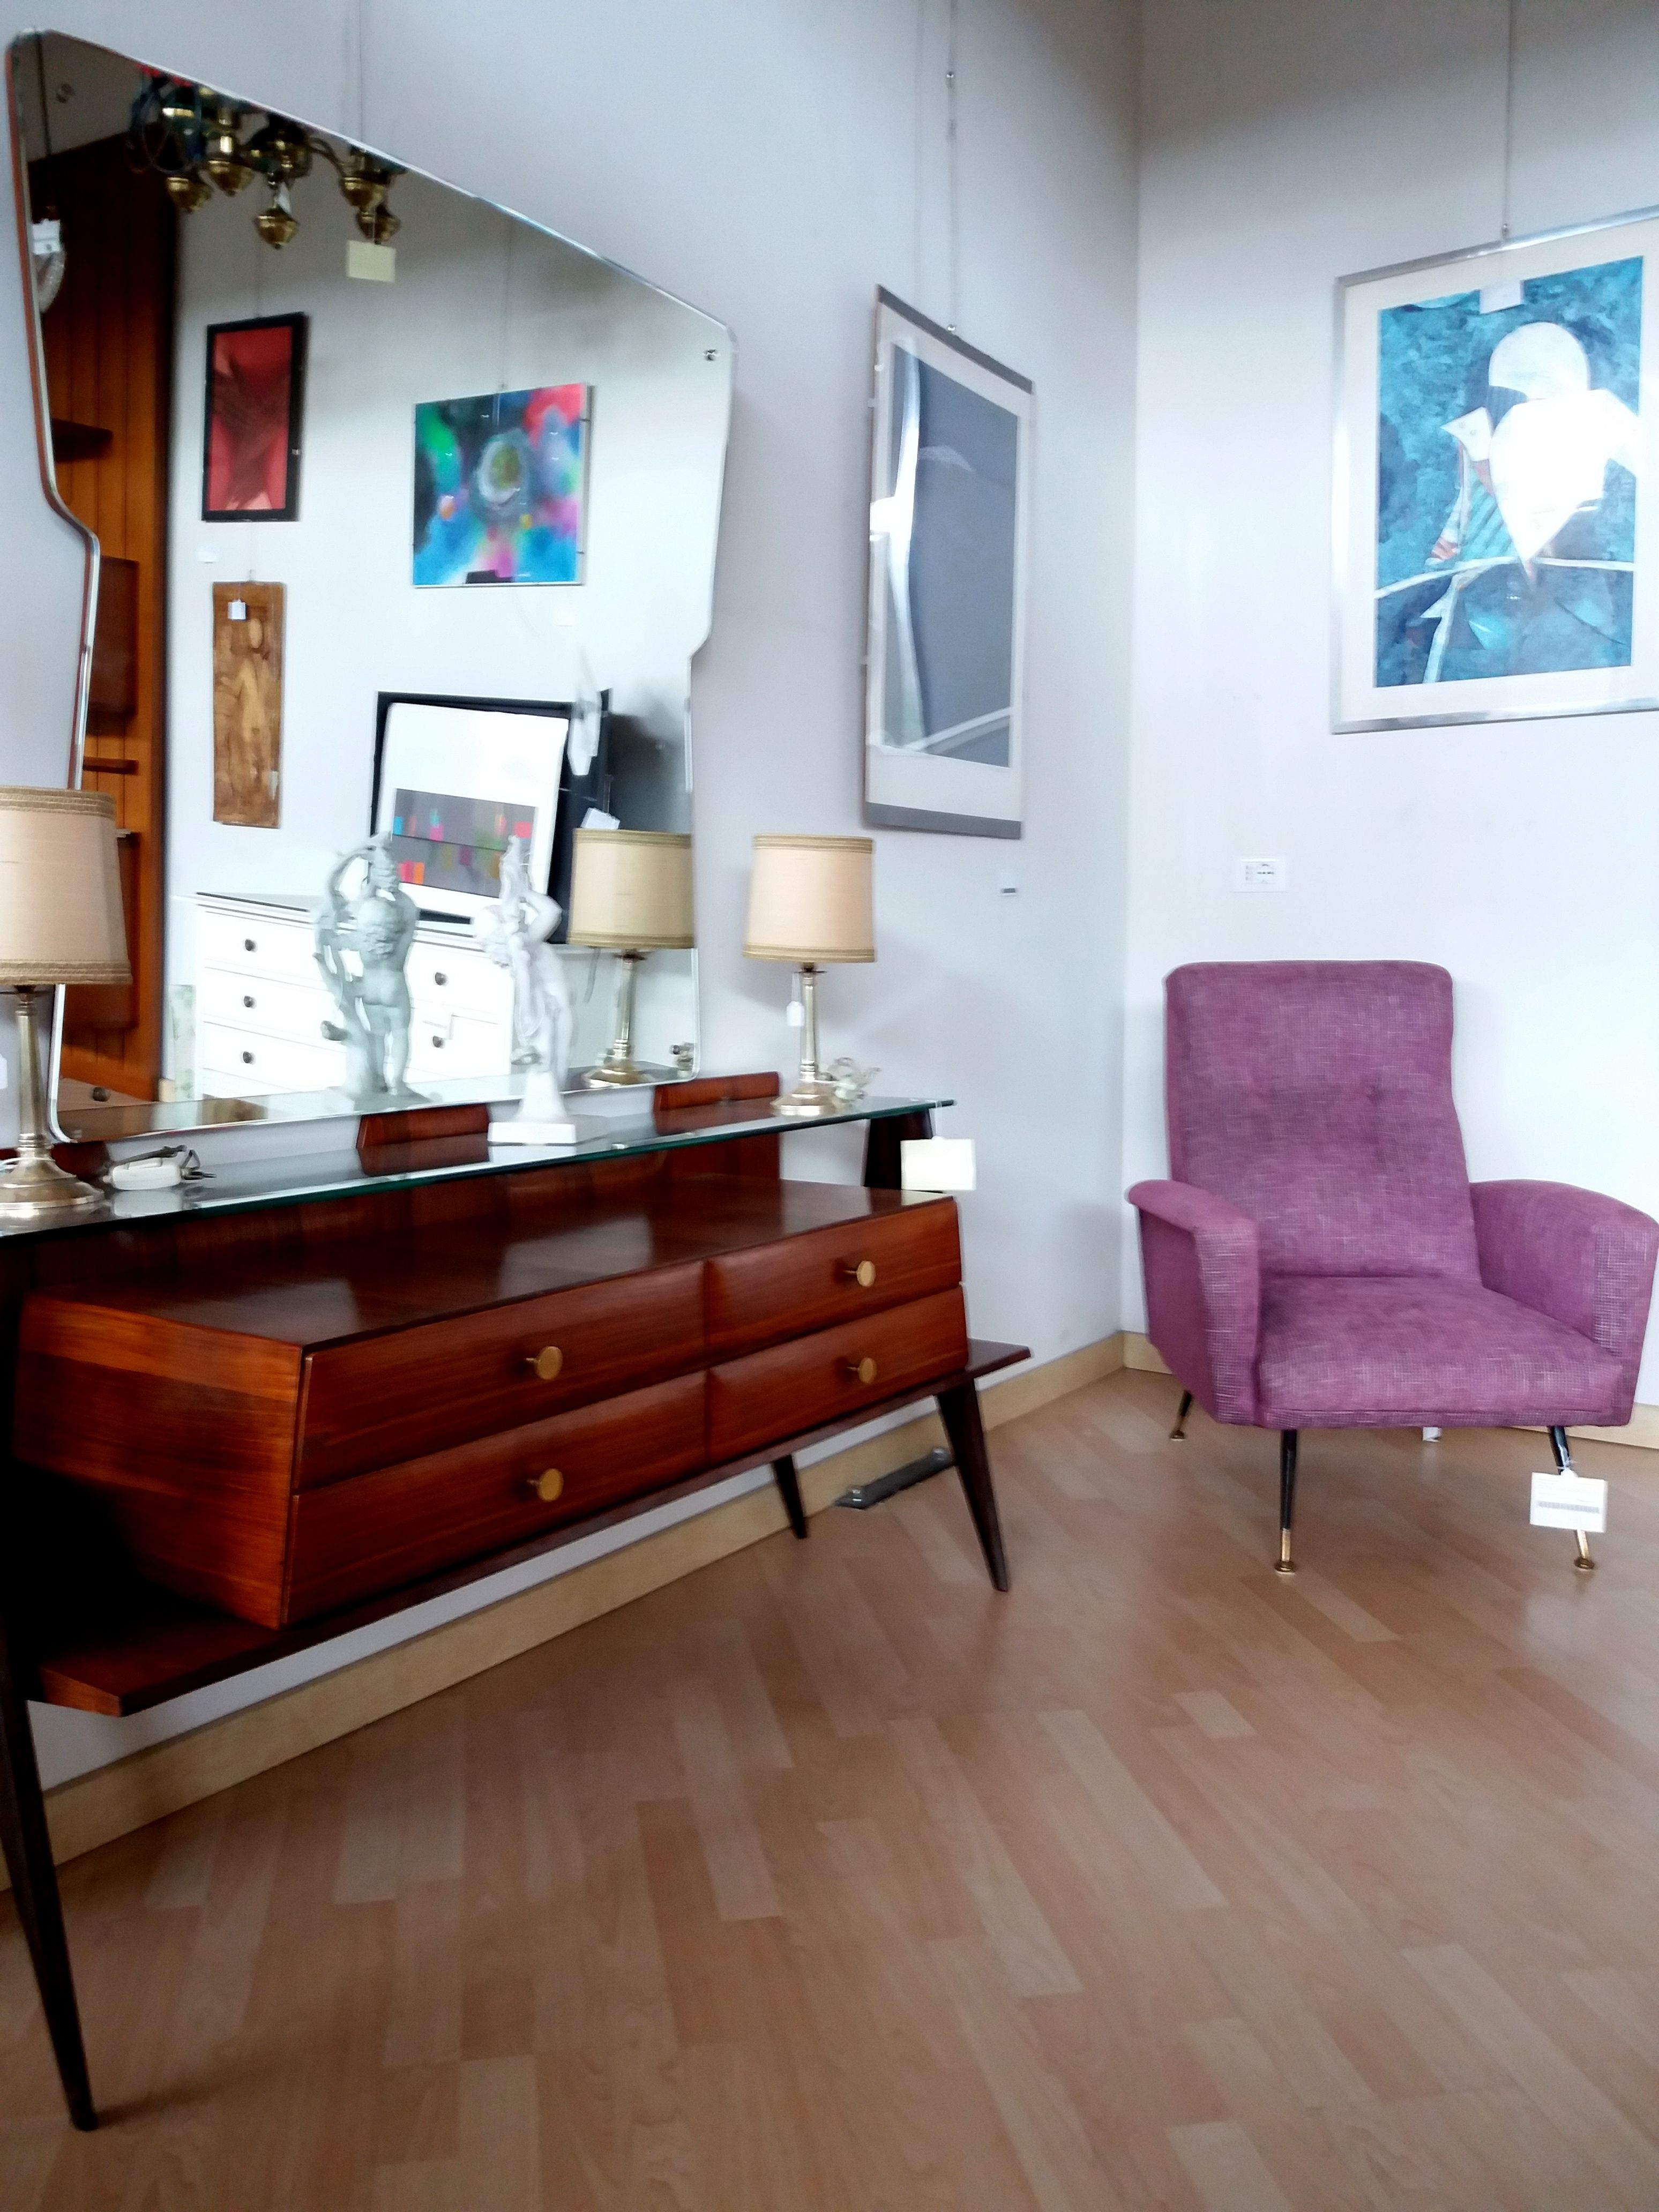 Ispirazione interior design con arredamento vintage di for Negozi arredamento vintage milano